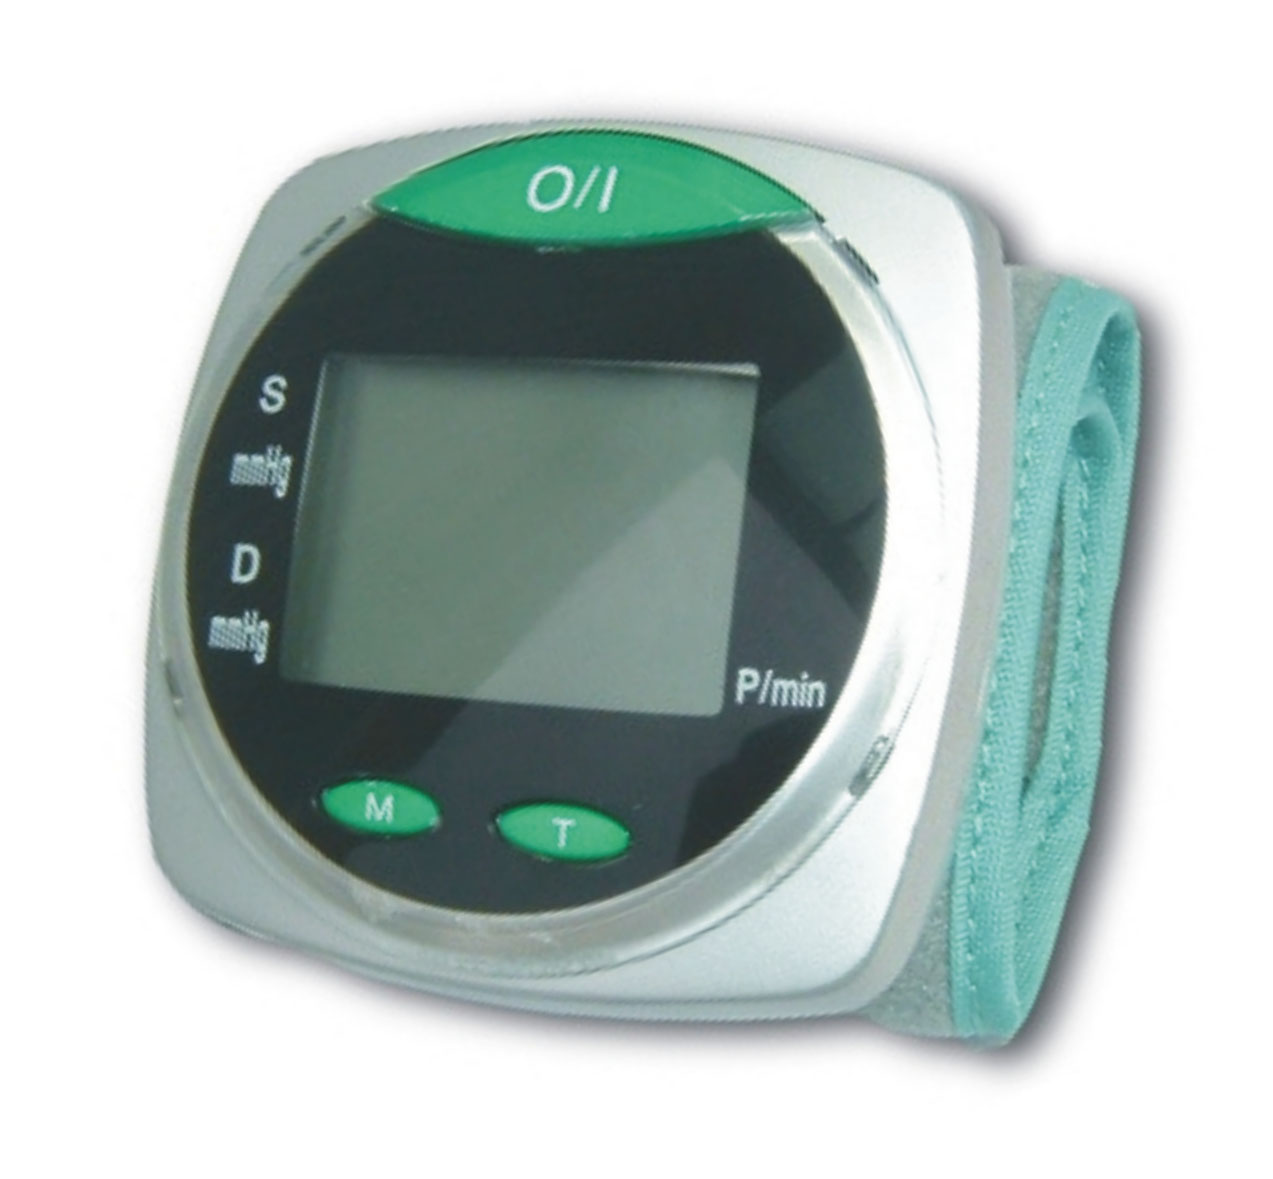 供应全自动腕式电子血压计HS-727